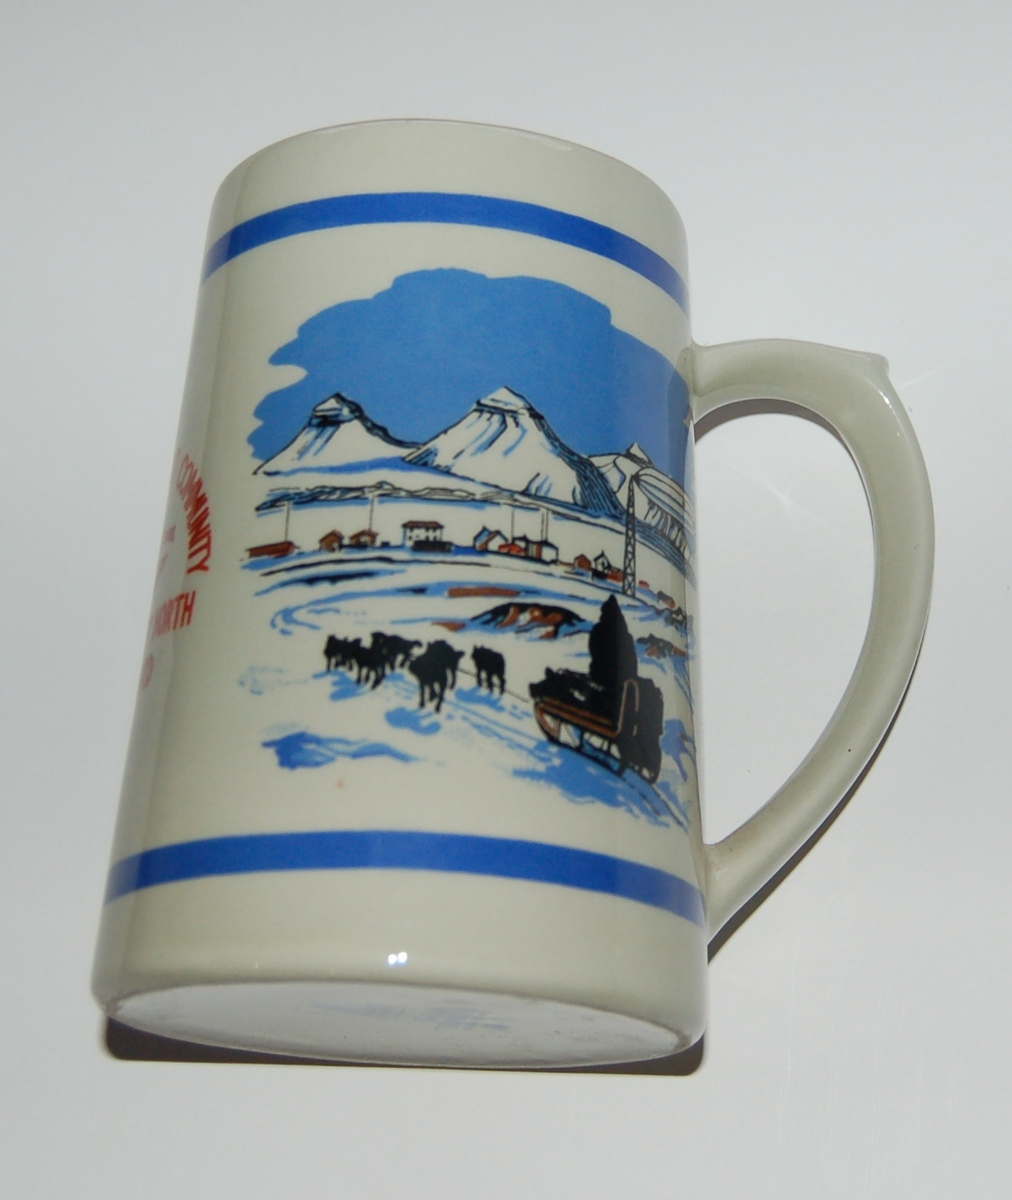 Utsmykka kjegleformet souvenirkrus i glassert porselen. Motiv: Kart over Svalbard. Hundespann. Tekst: Worlds Northmost Community. Kingsbay 79 grader North Svalbard.